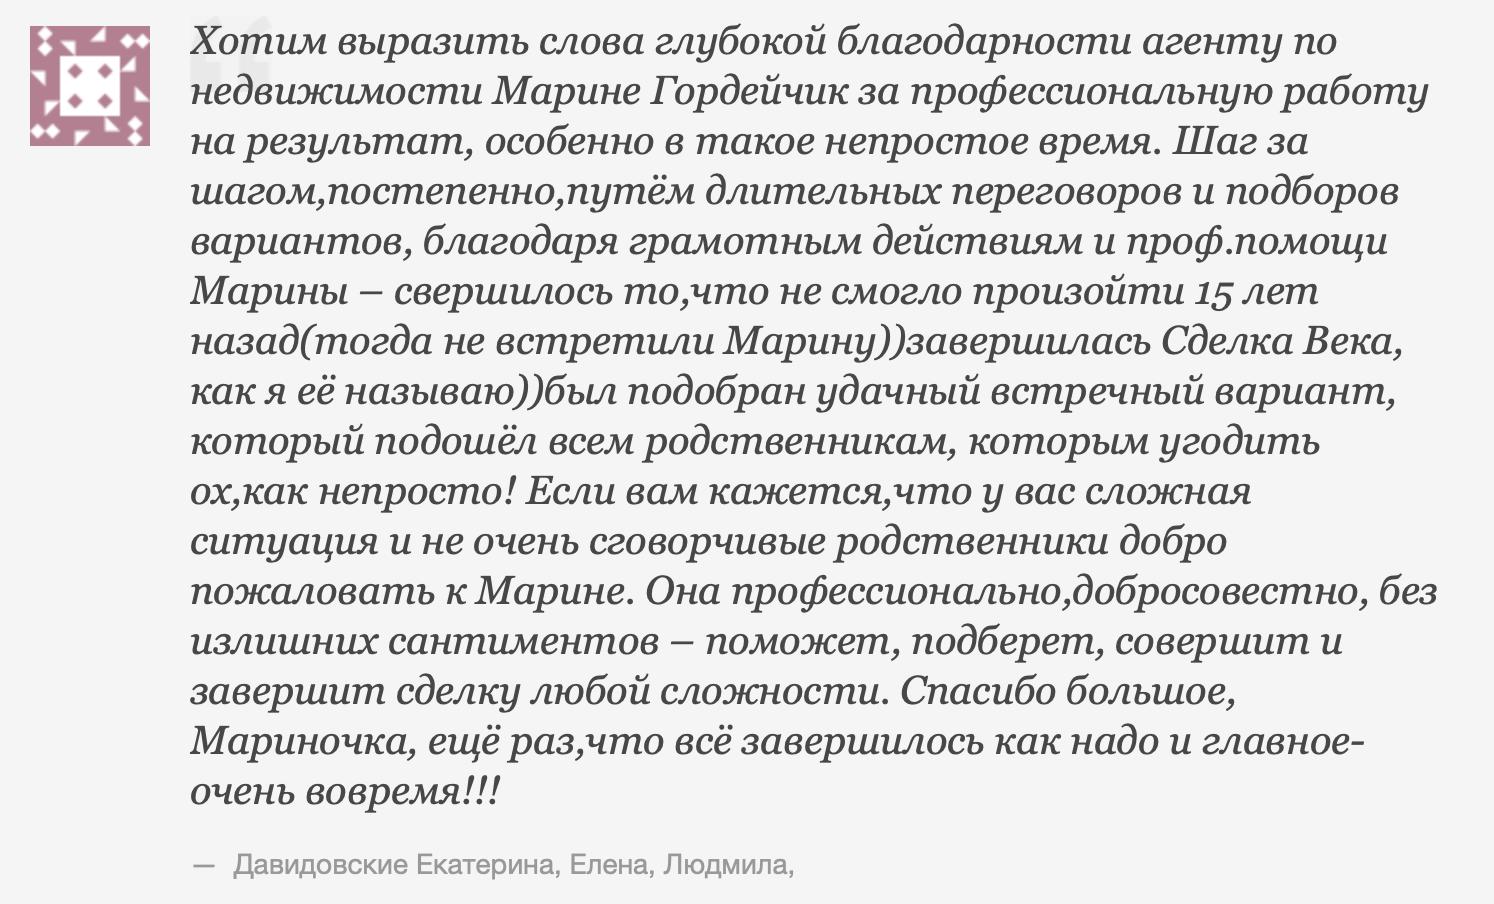 отзывы Марина Гордейчик